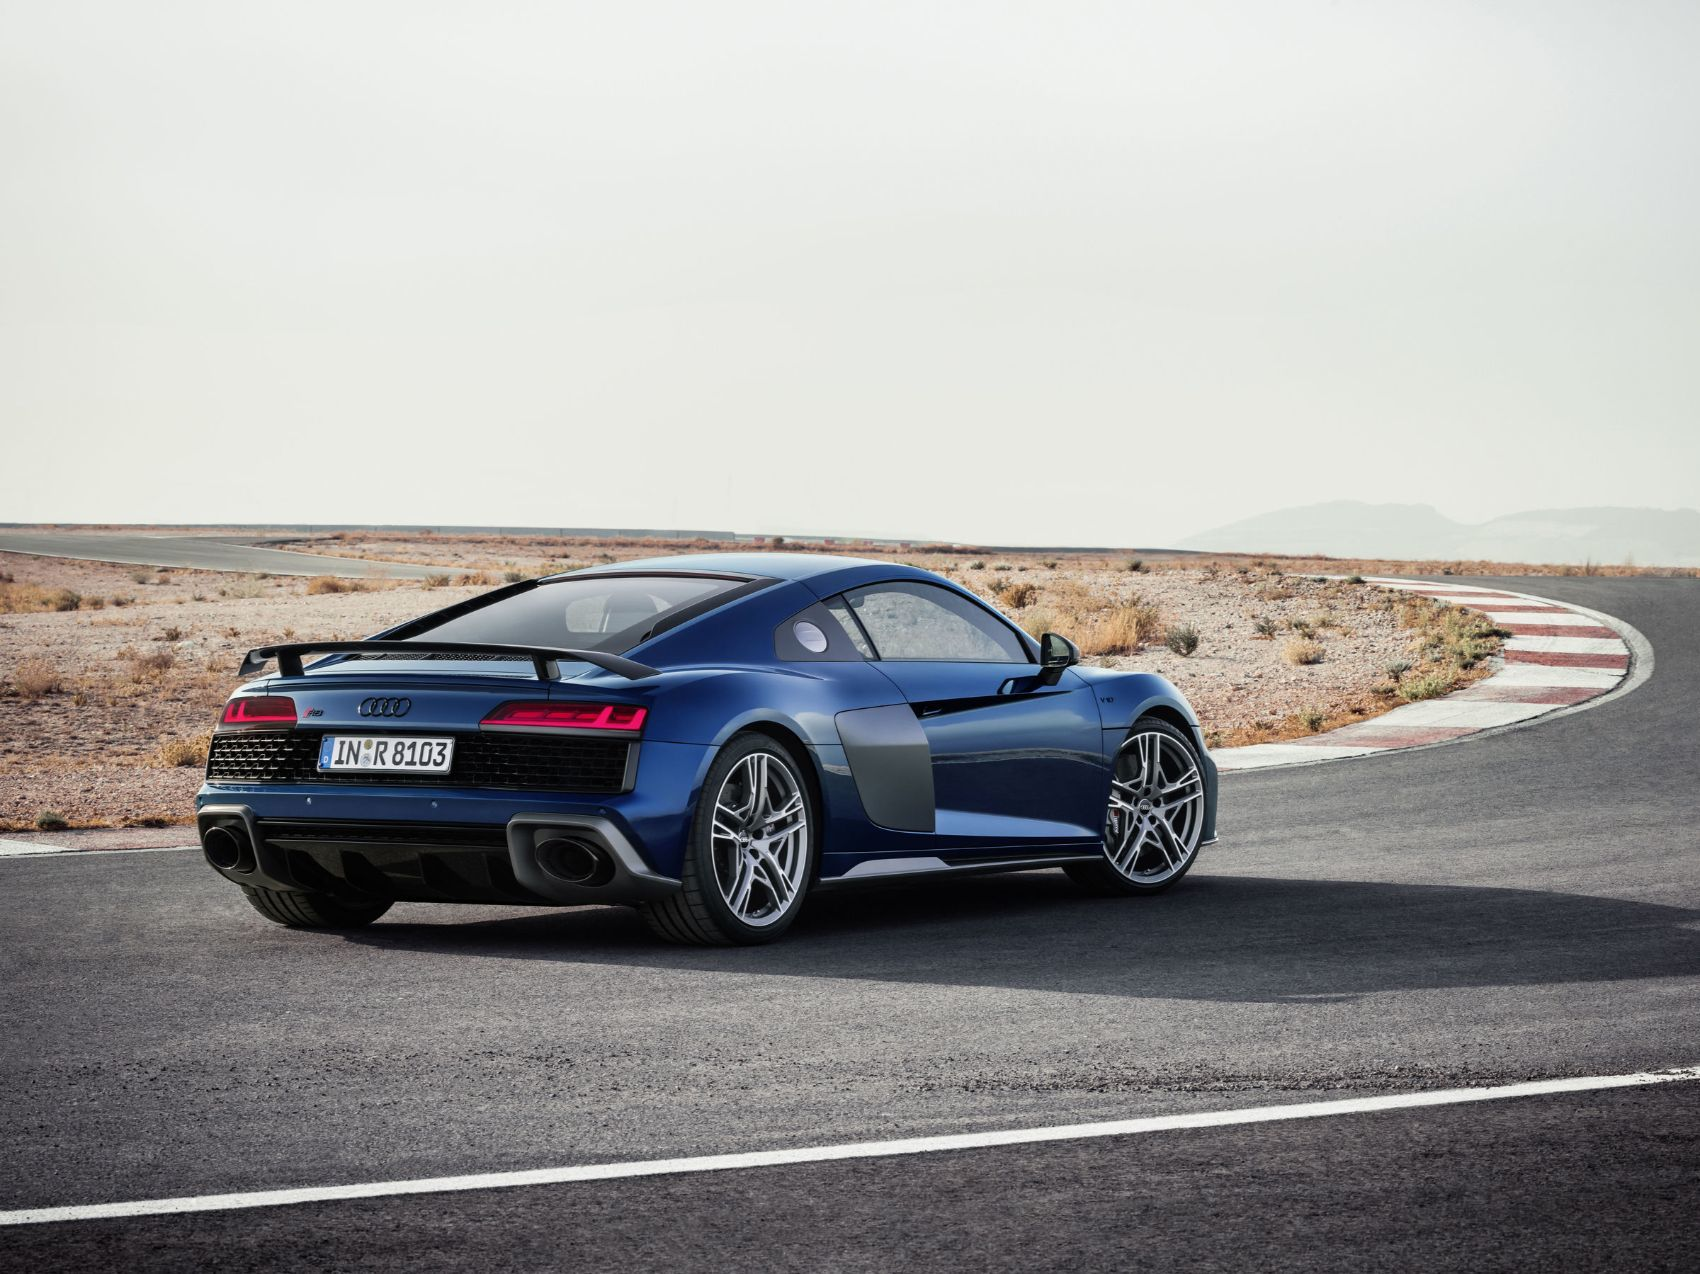 Twin Turbo Audi R8 vs. Stock Lamborghini Huracan: Which Is Faster?